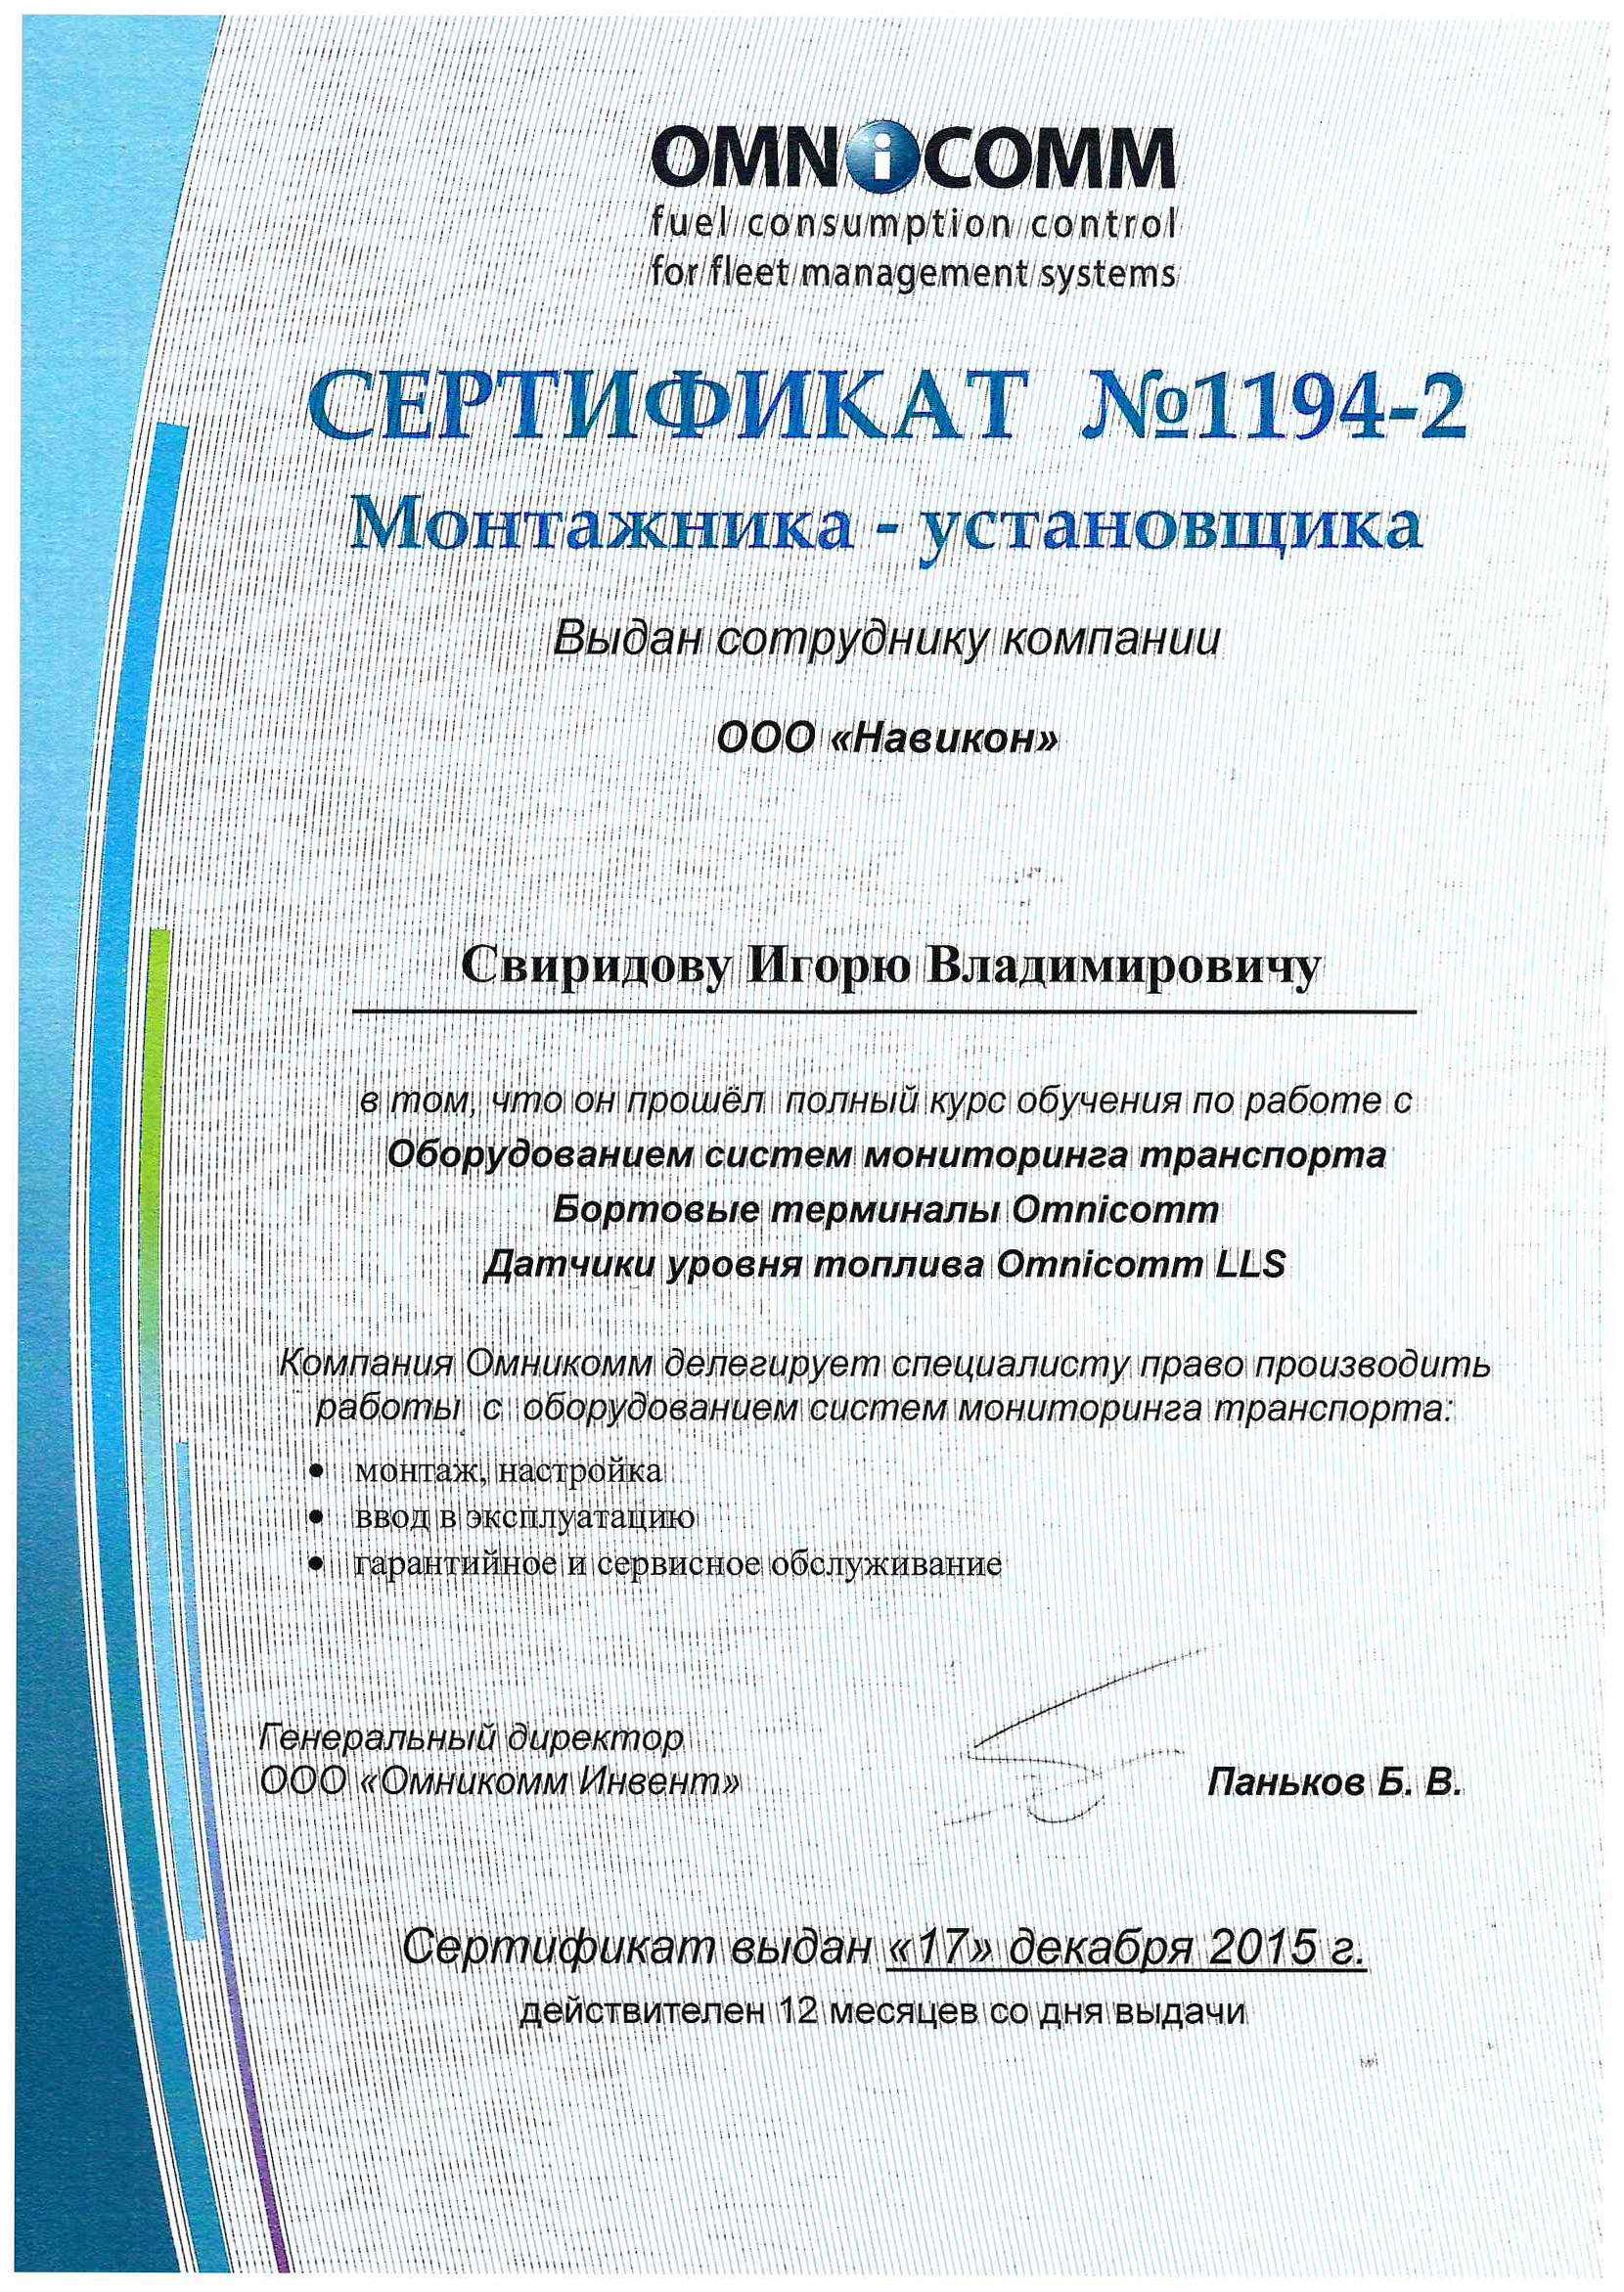 licenses-slide